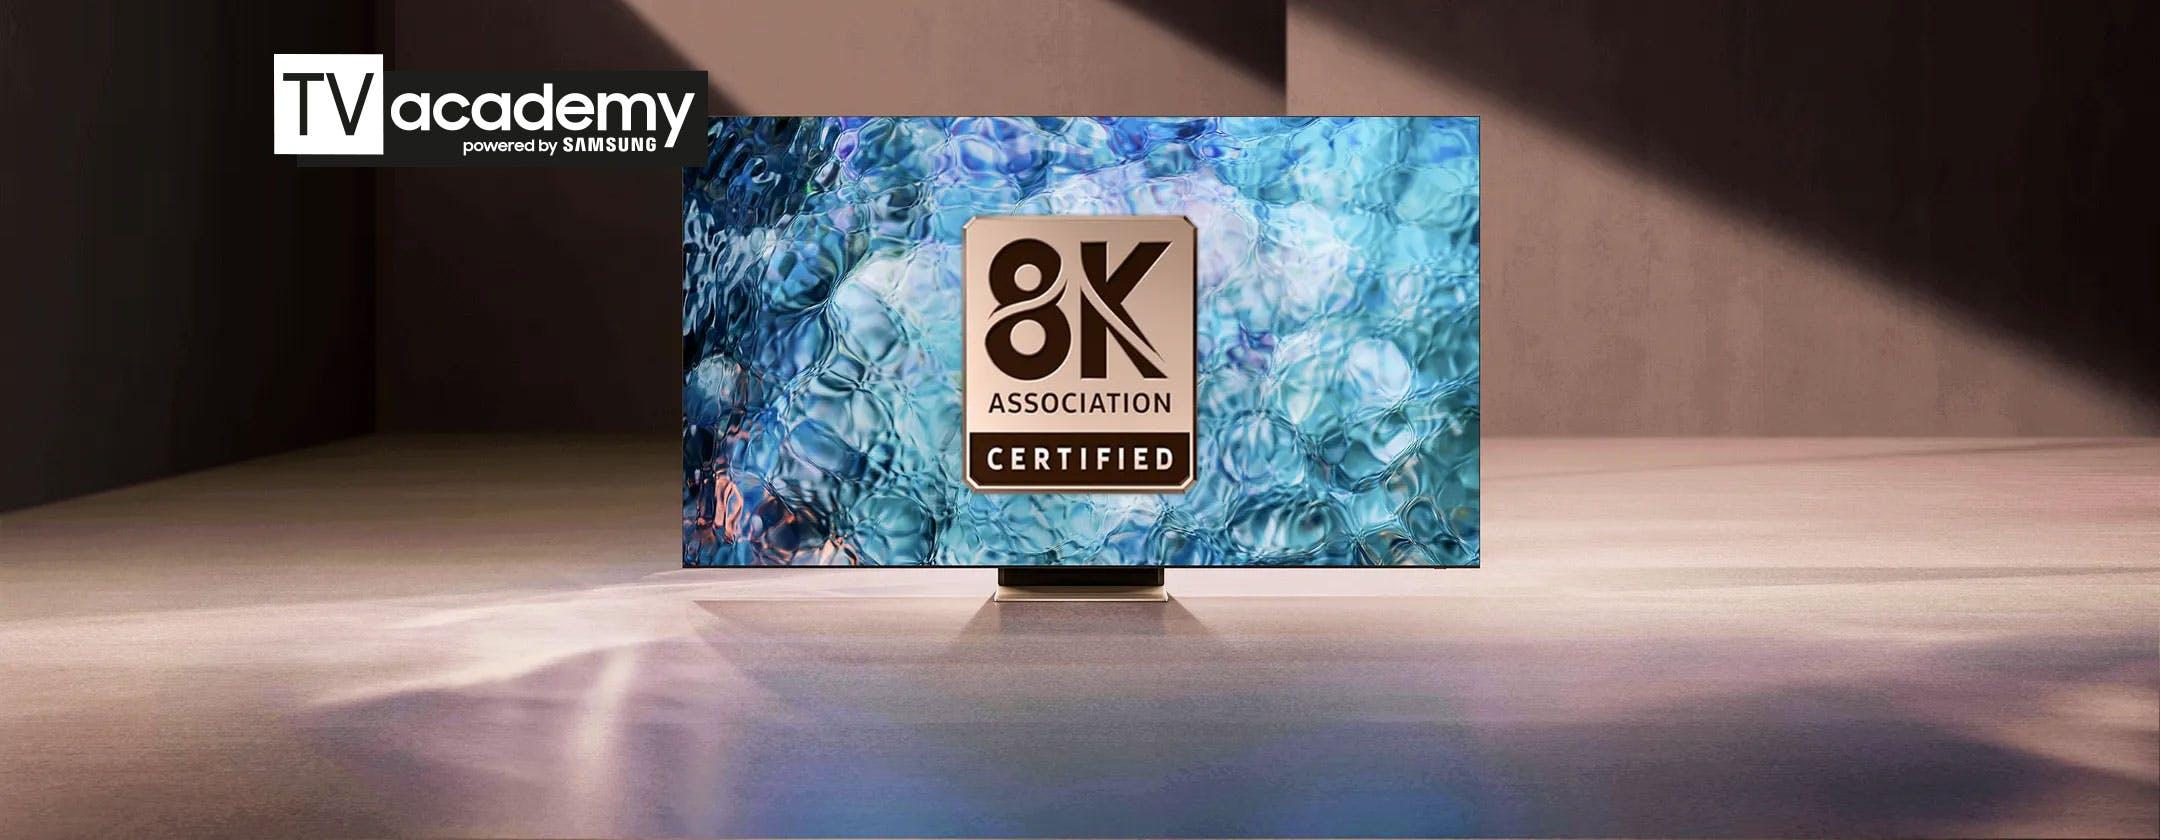 TV Academy: Dal 4K all'8K. Storia e vantaggi del nuovo formato